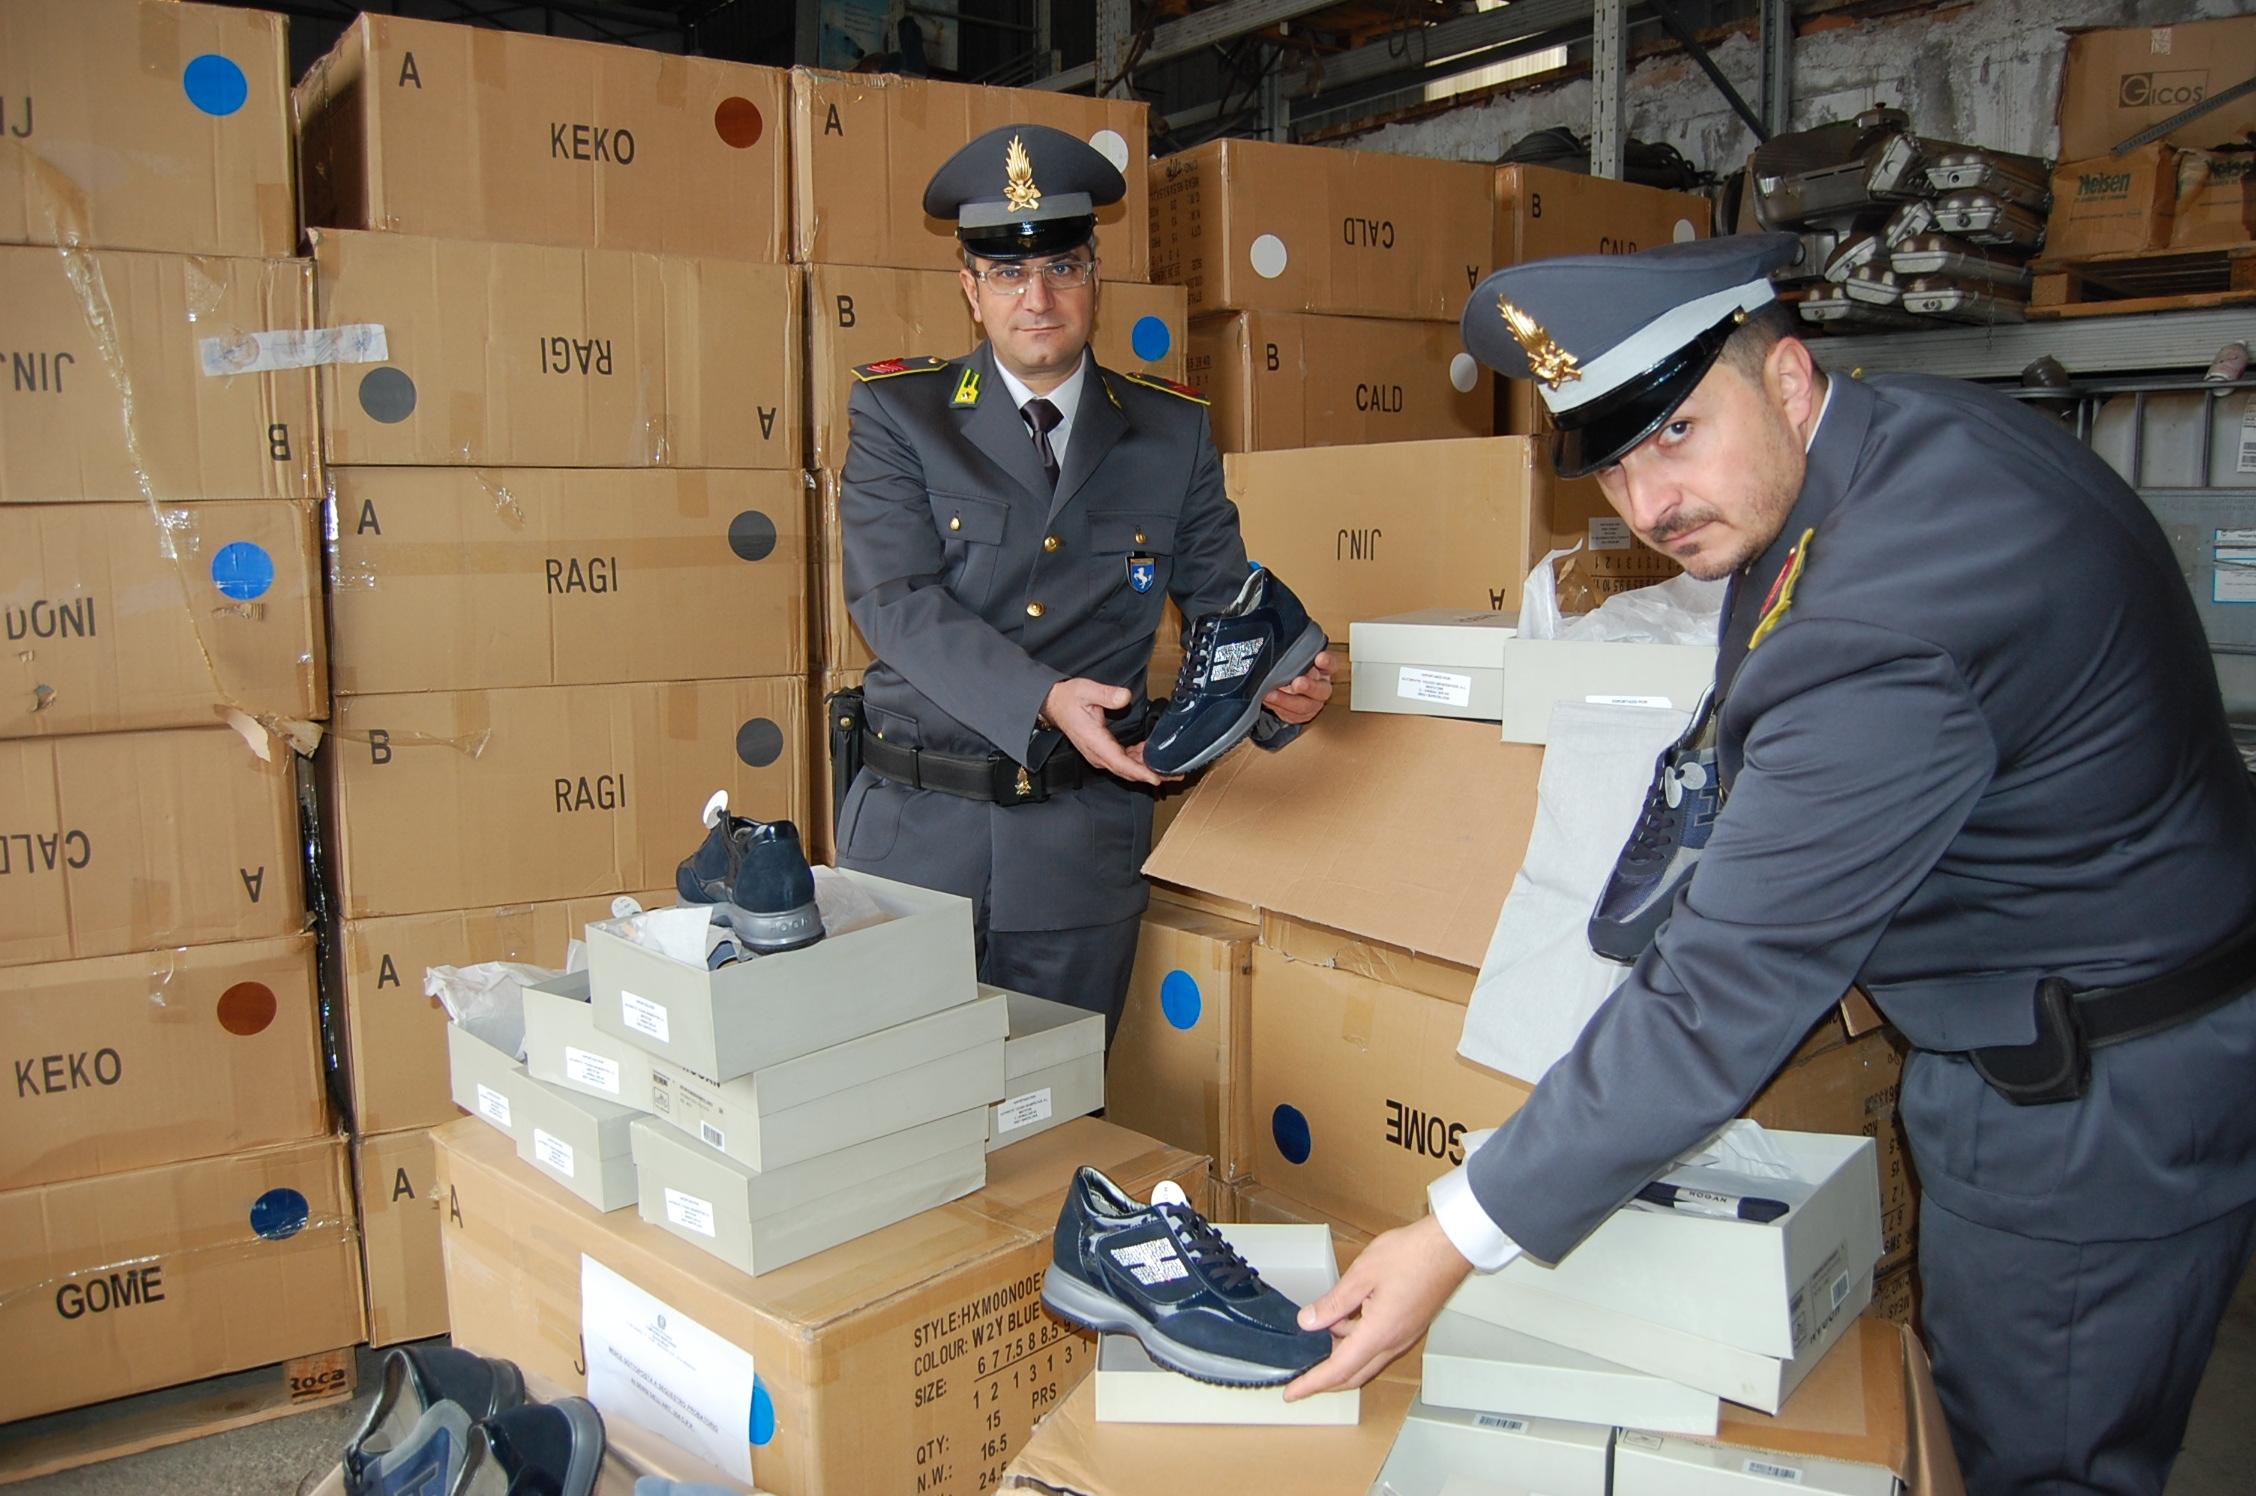 Smantellata la fabbrica delle false Hogan: in arresto il titolare e gli operai